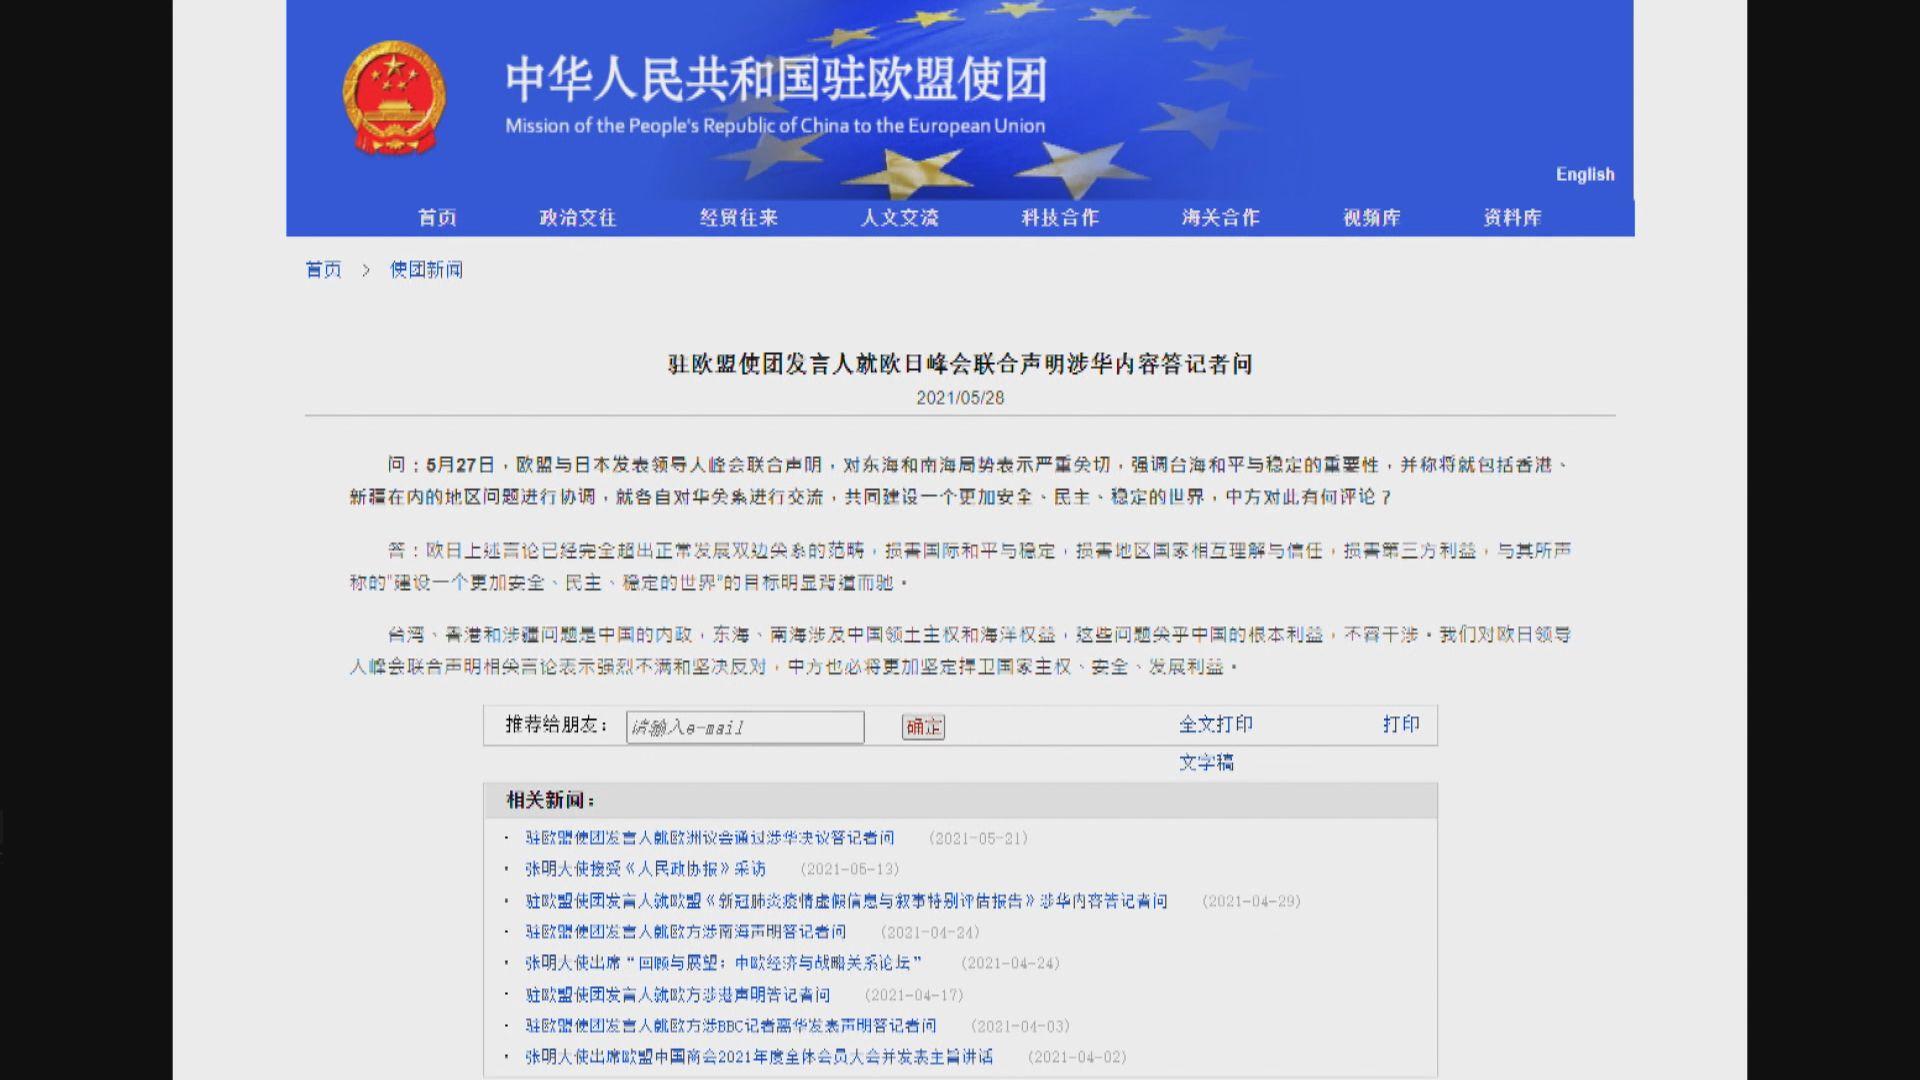 中國對歐日峰會聲明涉港等言論表示反對